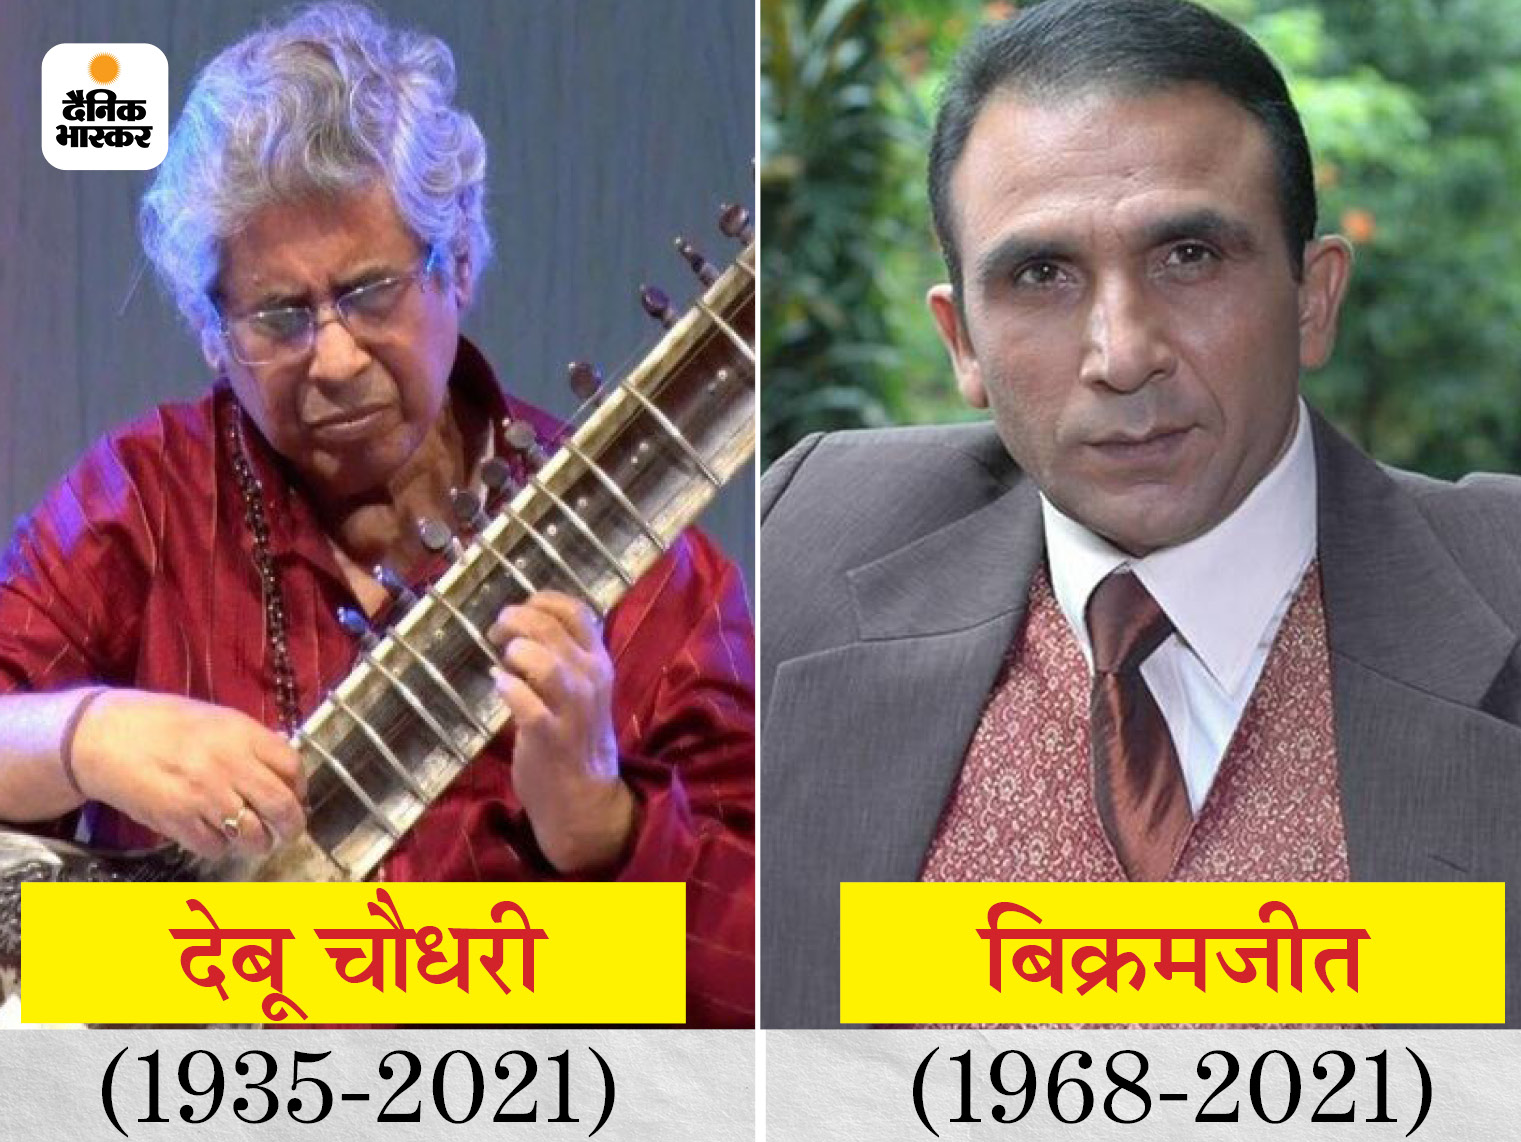 मशहूर सितारवादक देबू चौधरी का संक्रमण की वजह से निधन; एक्टर बिक्रमजीत कंवरपाल भी नहीं रहे देश,National - Dainik Bhaskar